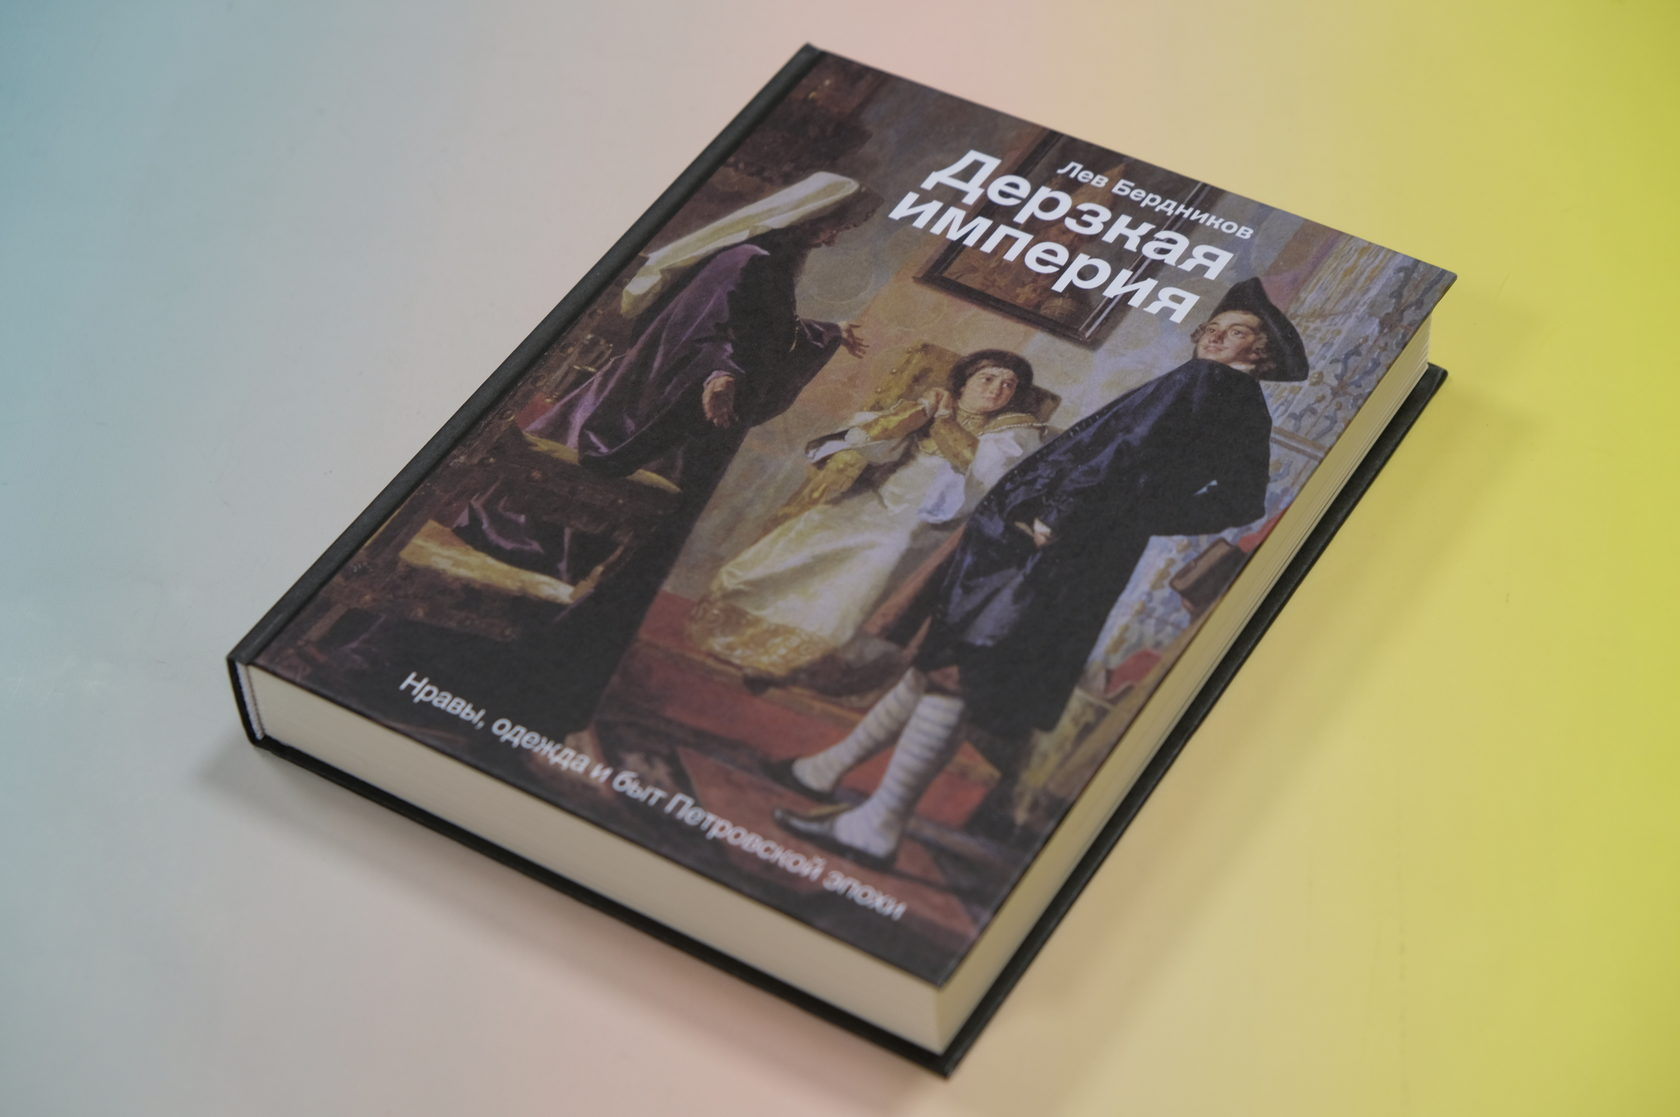 Лев Бердников «Дерзкая империя. Нравы, одежда и быт Петровской эпохи» 978-5-17-109670-0